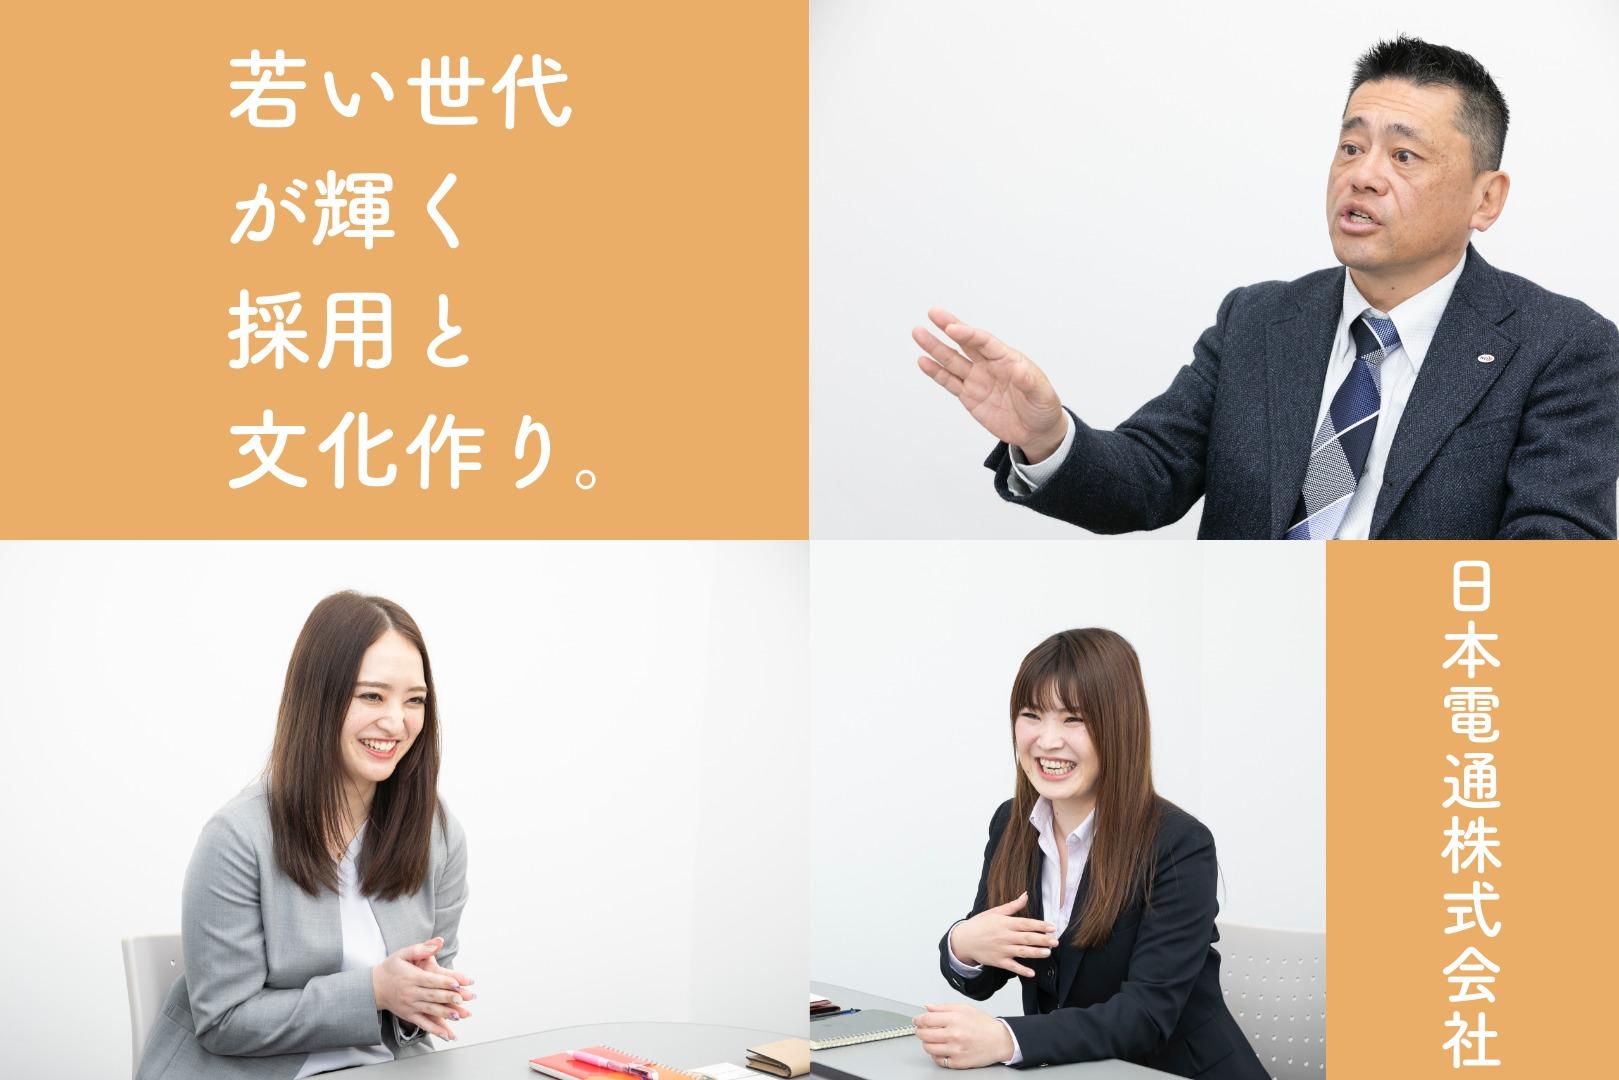 日本電通株式会社さん取材記事サムネイル